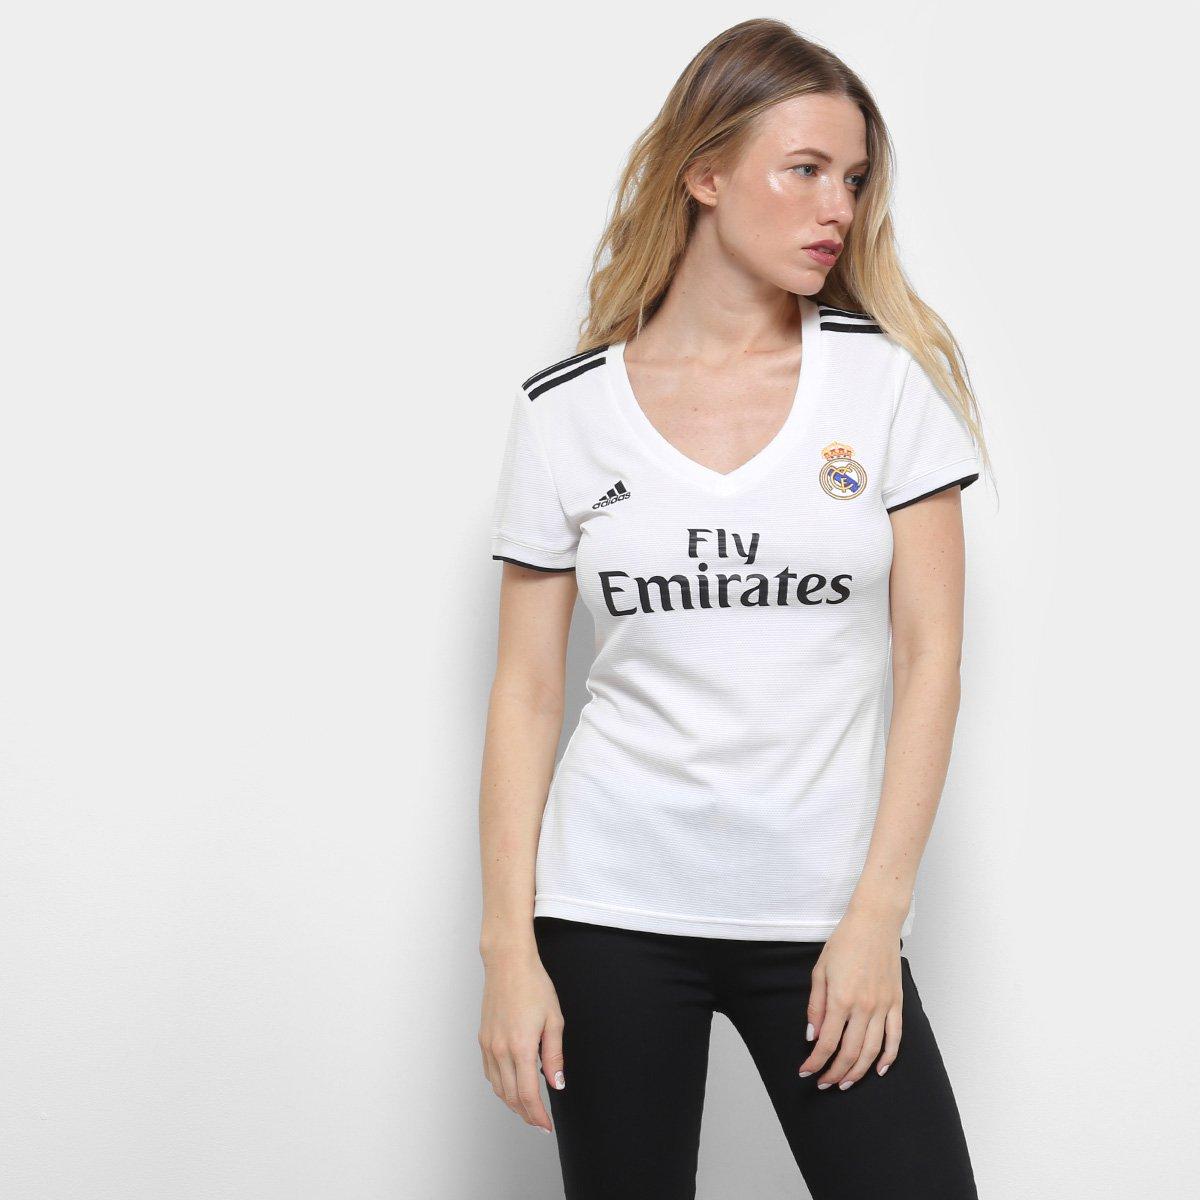 a47e36fc6 Camisa Real Madrid Home 2018 s n° Torcedor Adidas Feminina - Branco e Preto  - Compre Agora